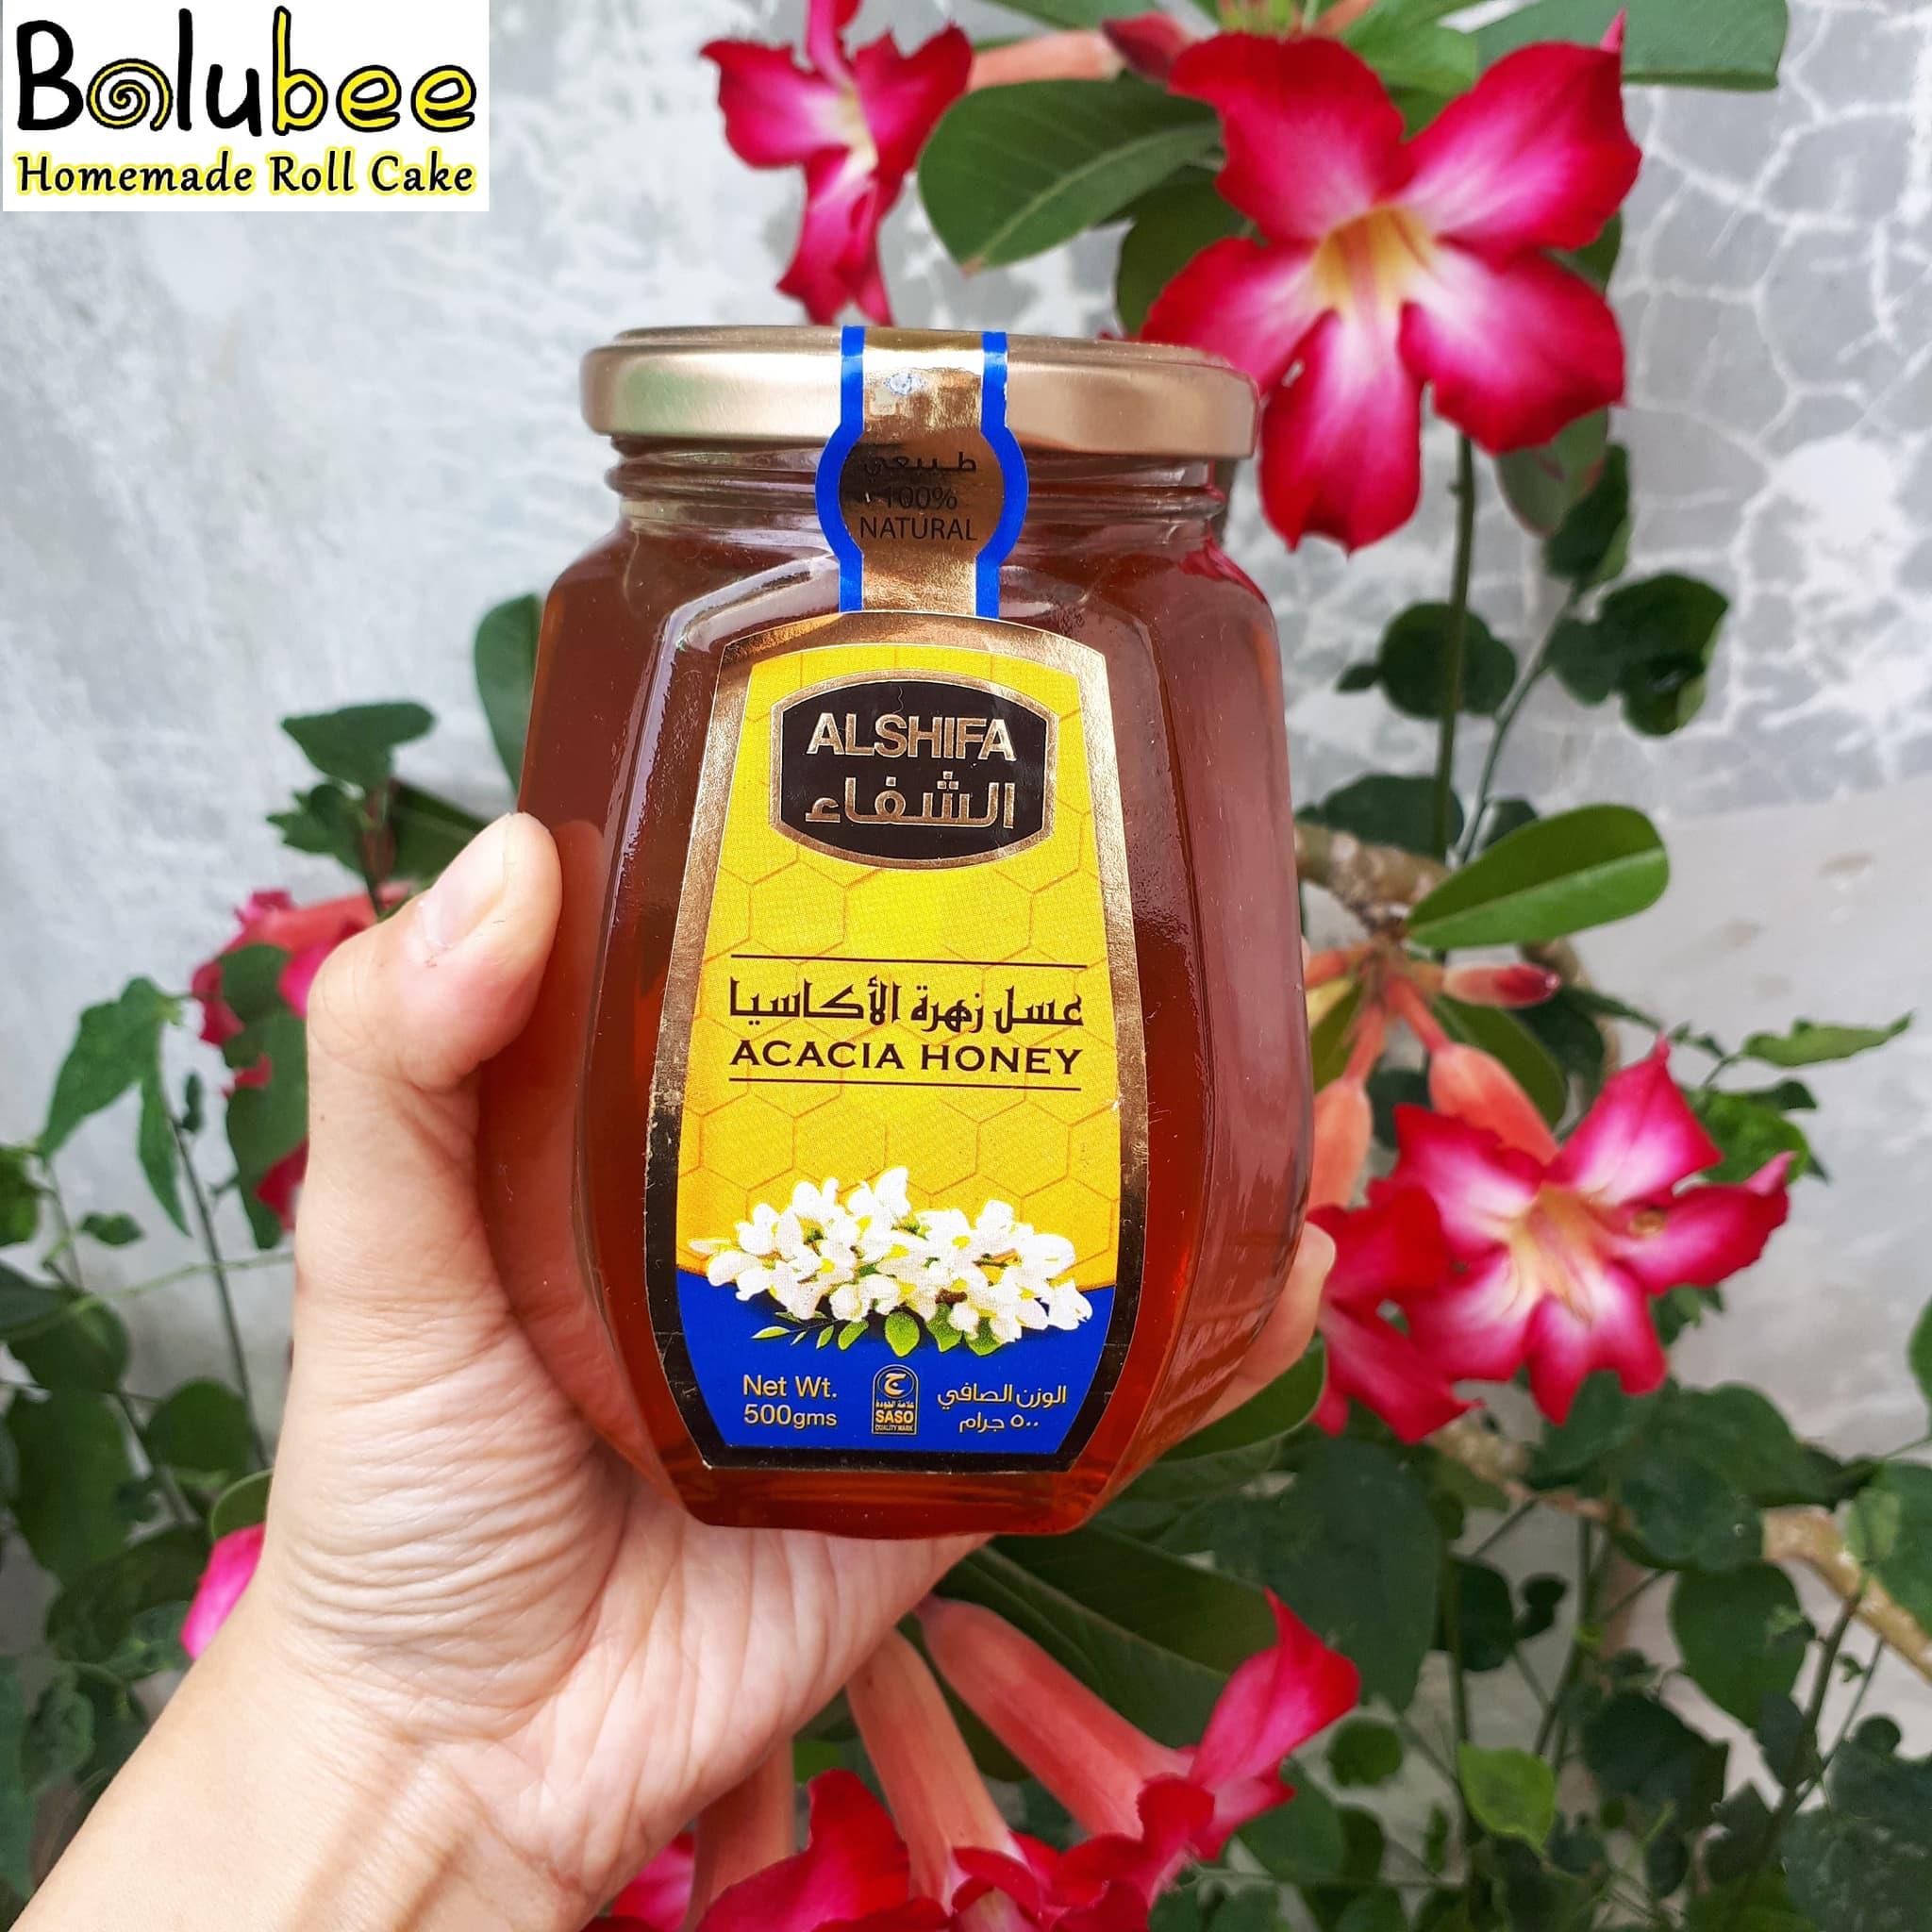 Jual Madu Al Shifa Acacia 500 Gr Bolubee Jkt Tokopedia Alshifa Honey 500gr